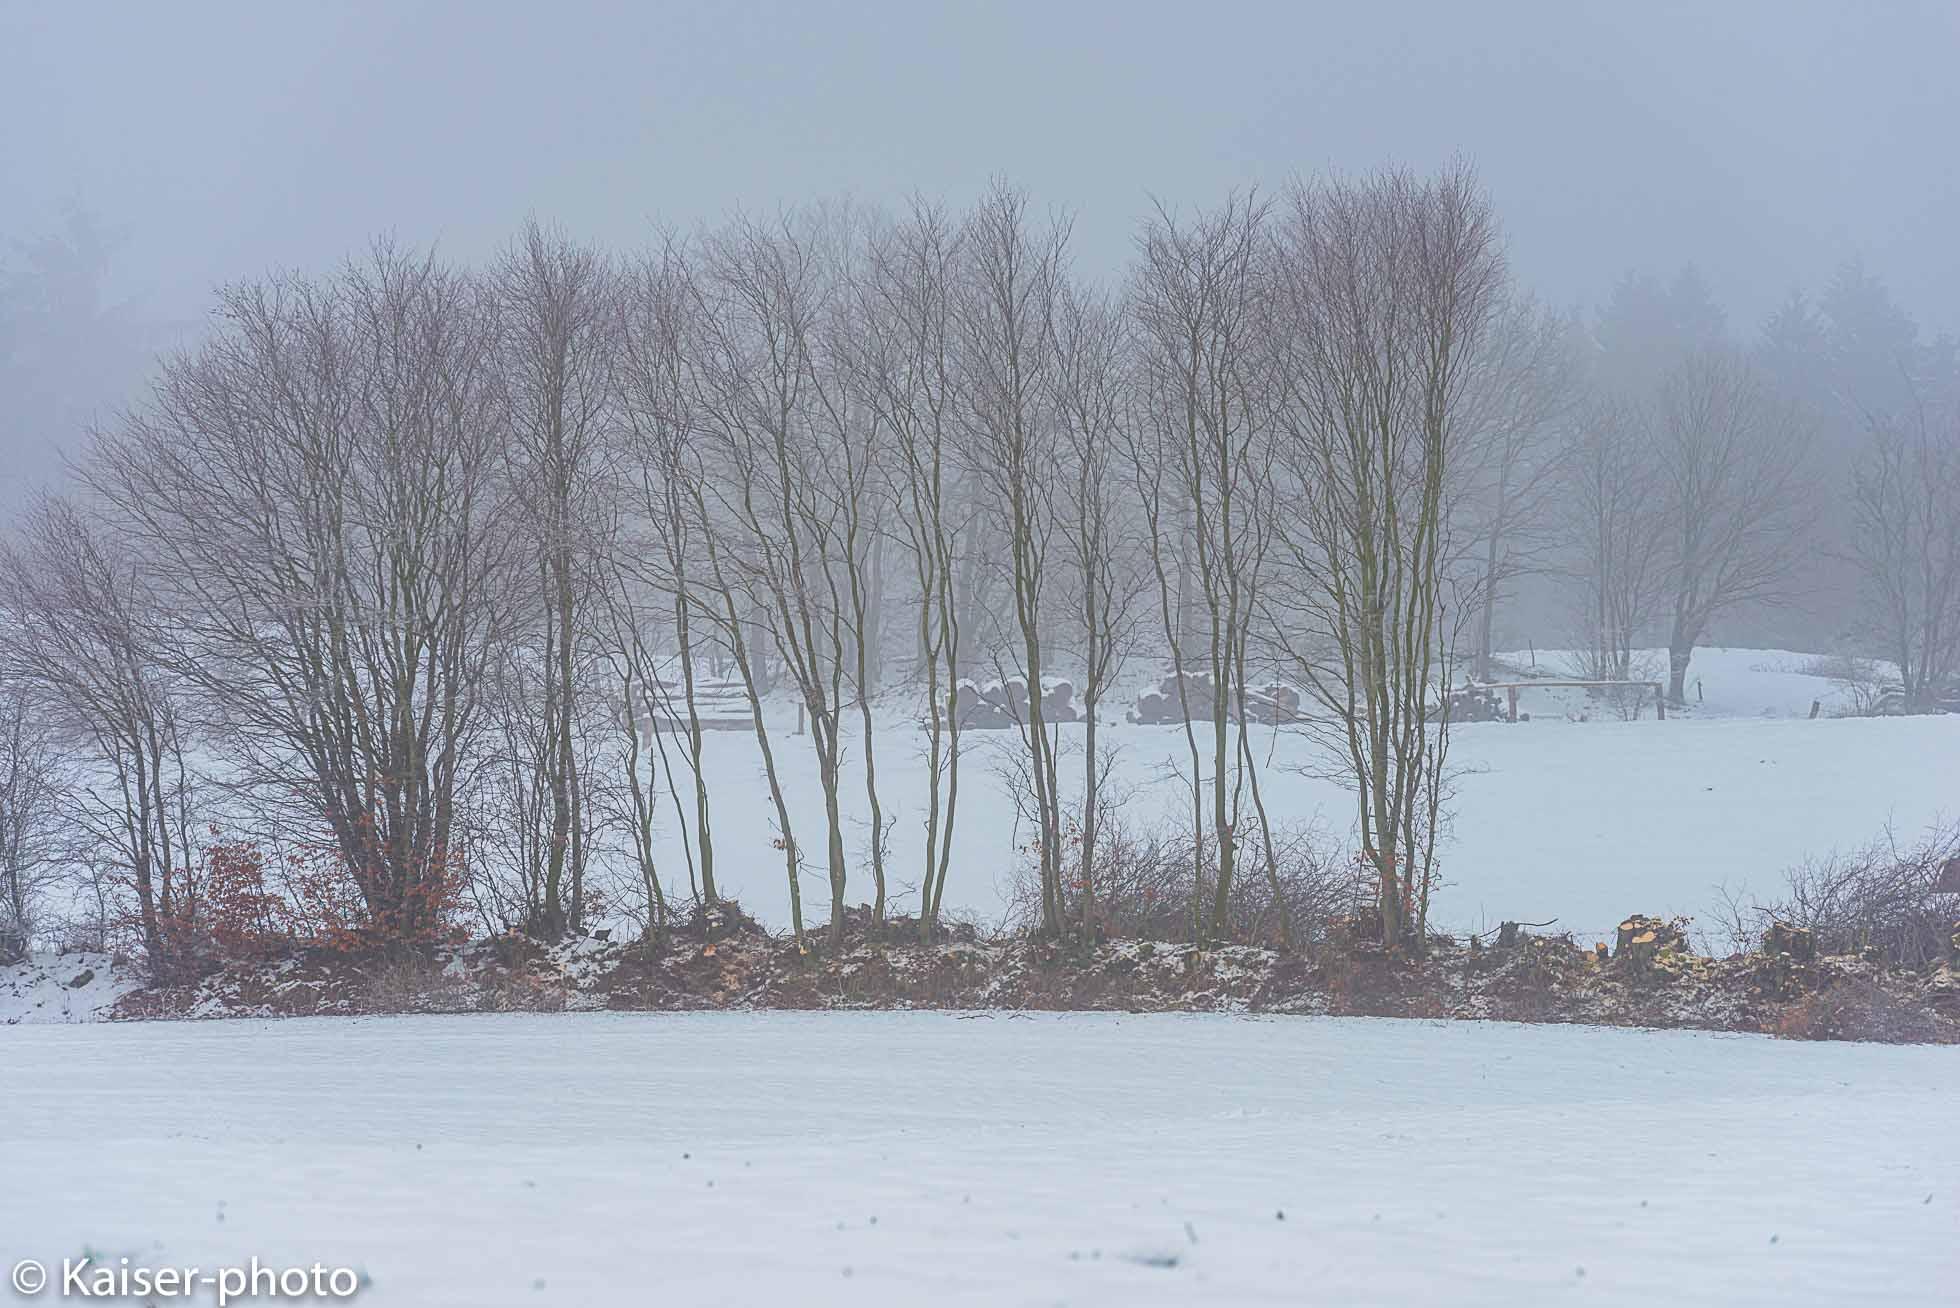 Der Wintertag geht zu Ende